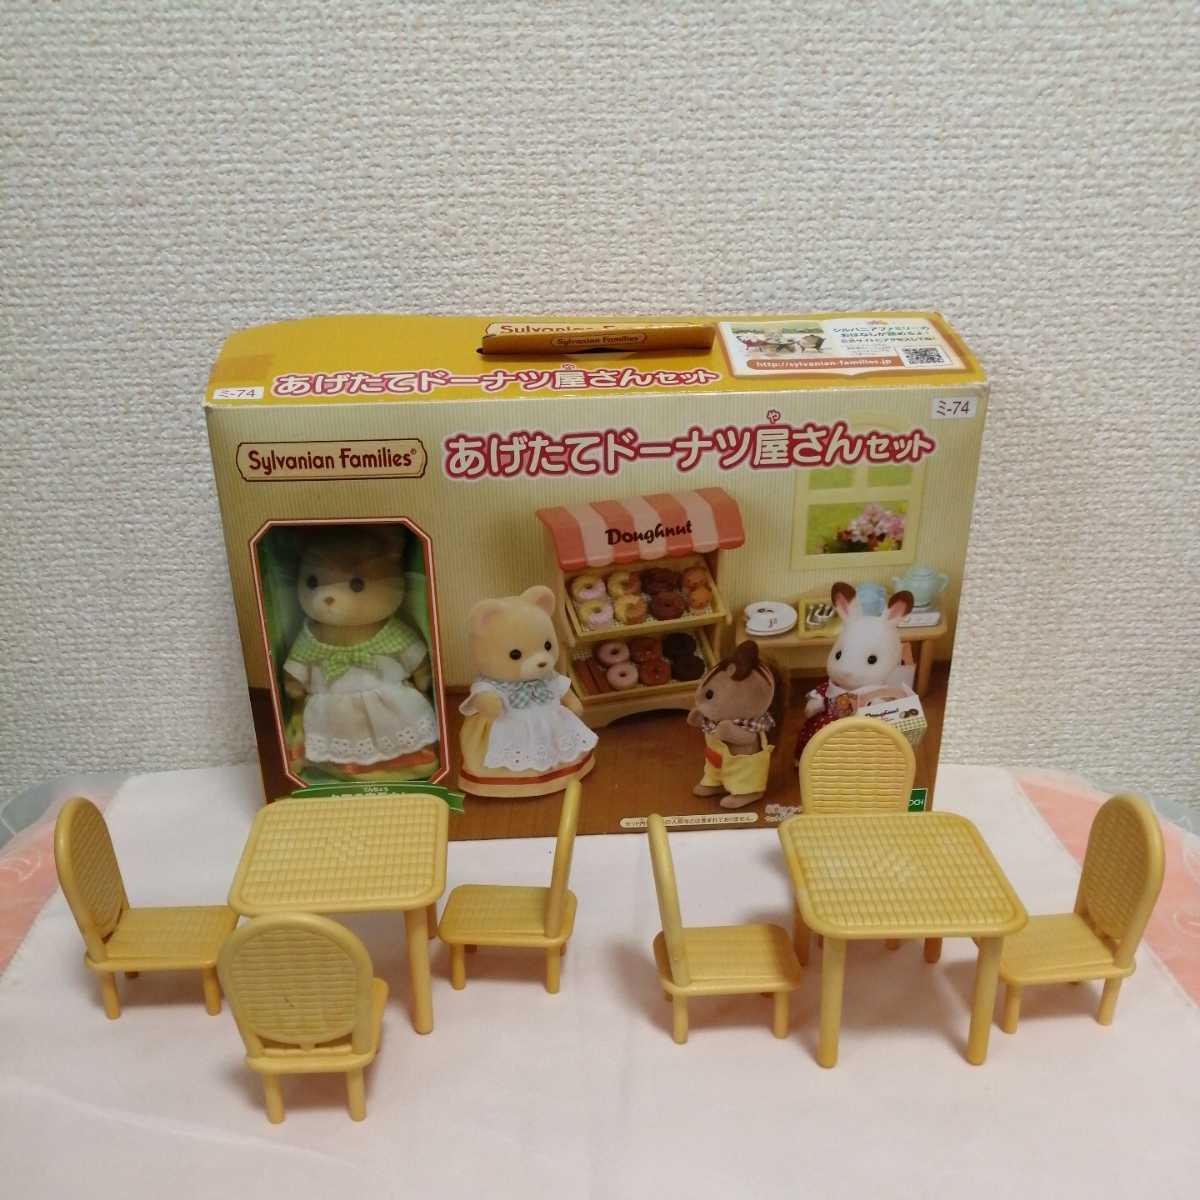 ■□あげたてドーナツ屋さんセット(完品) テーブル椅子セット シルバニアファミリー エポック社 ごっこ遊び クマお人形